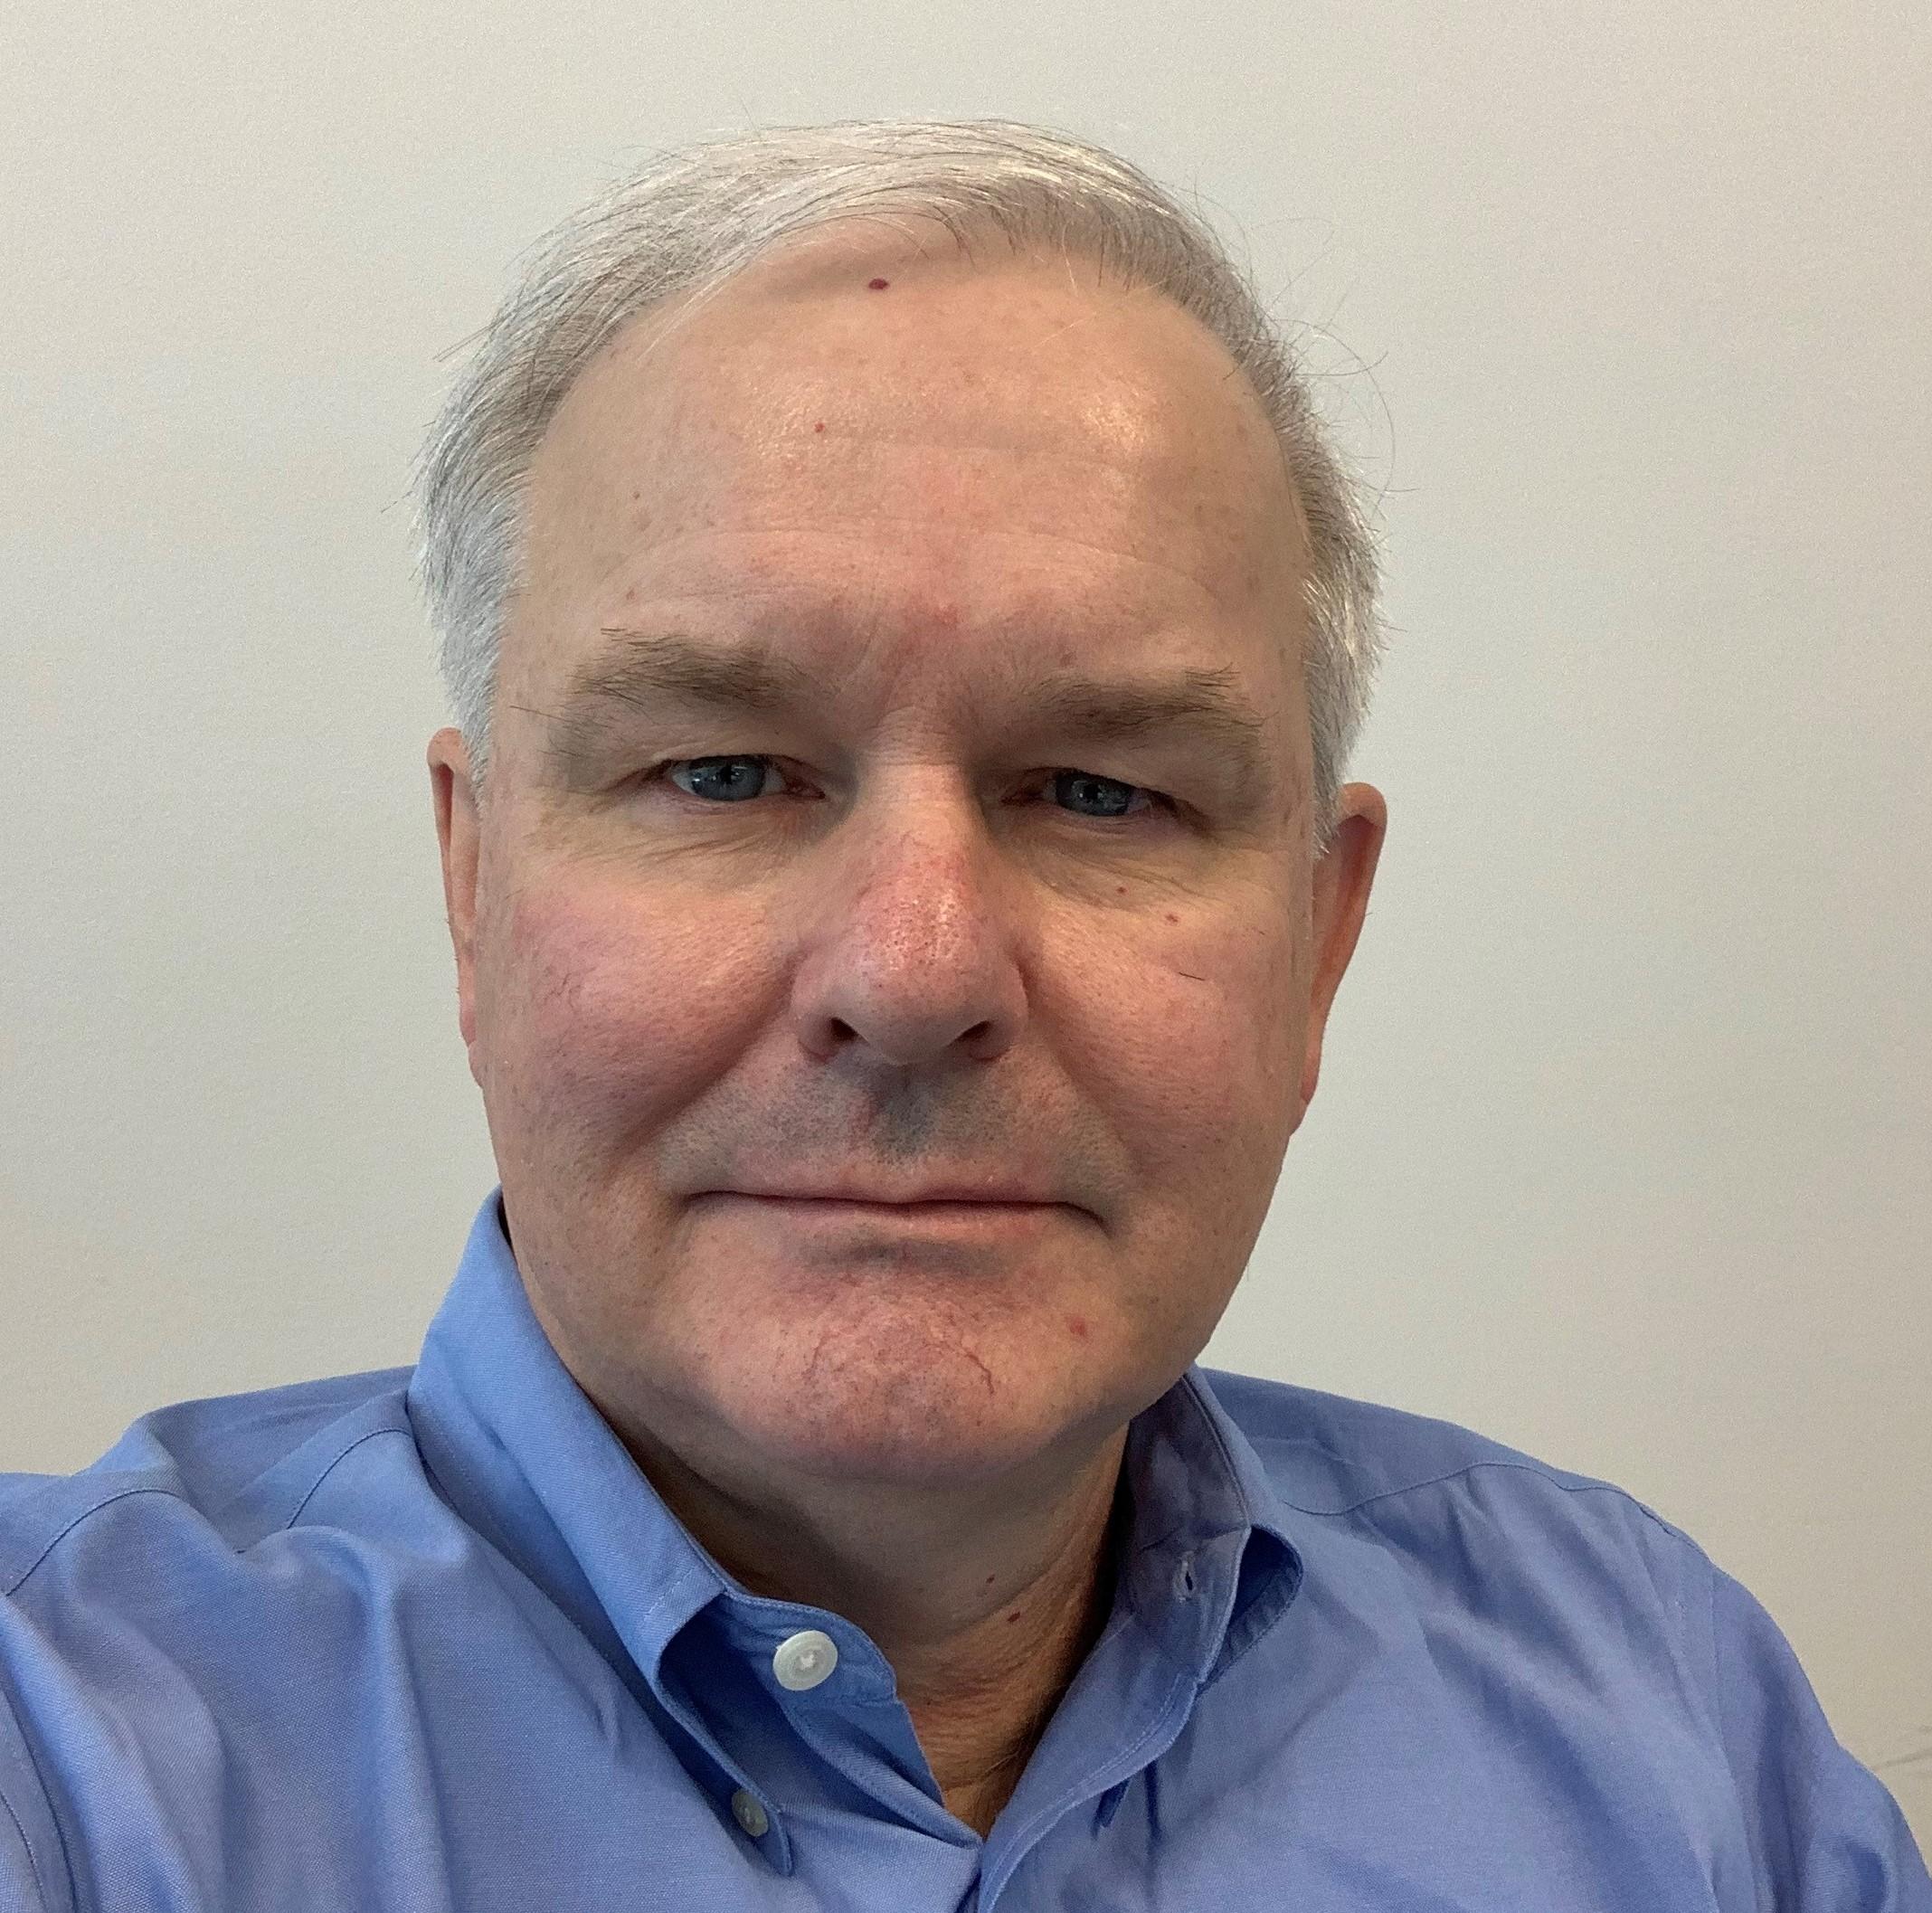 Jim Beahn